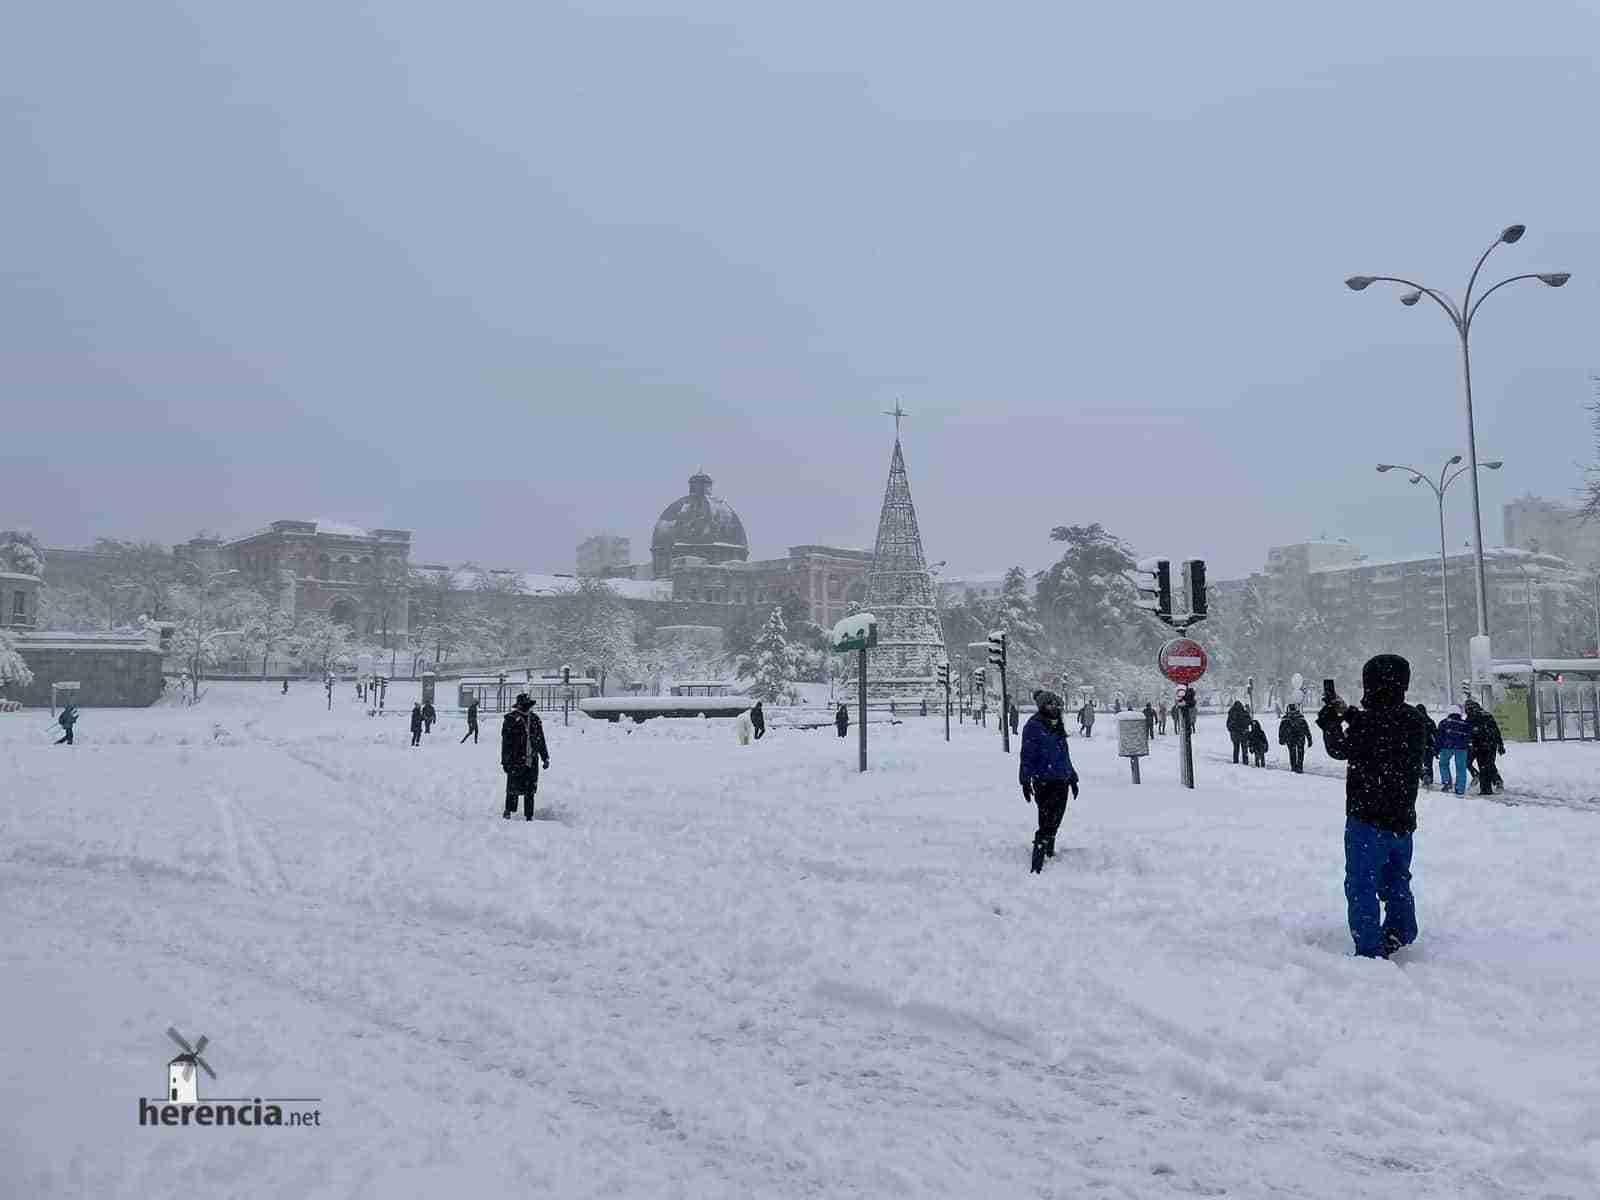 Fotografías de la nevada de enero en Madrid (España) 129